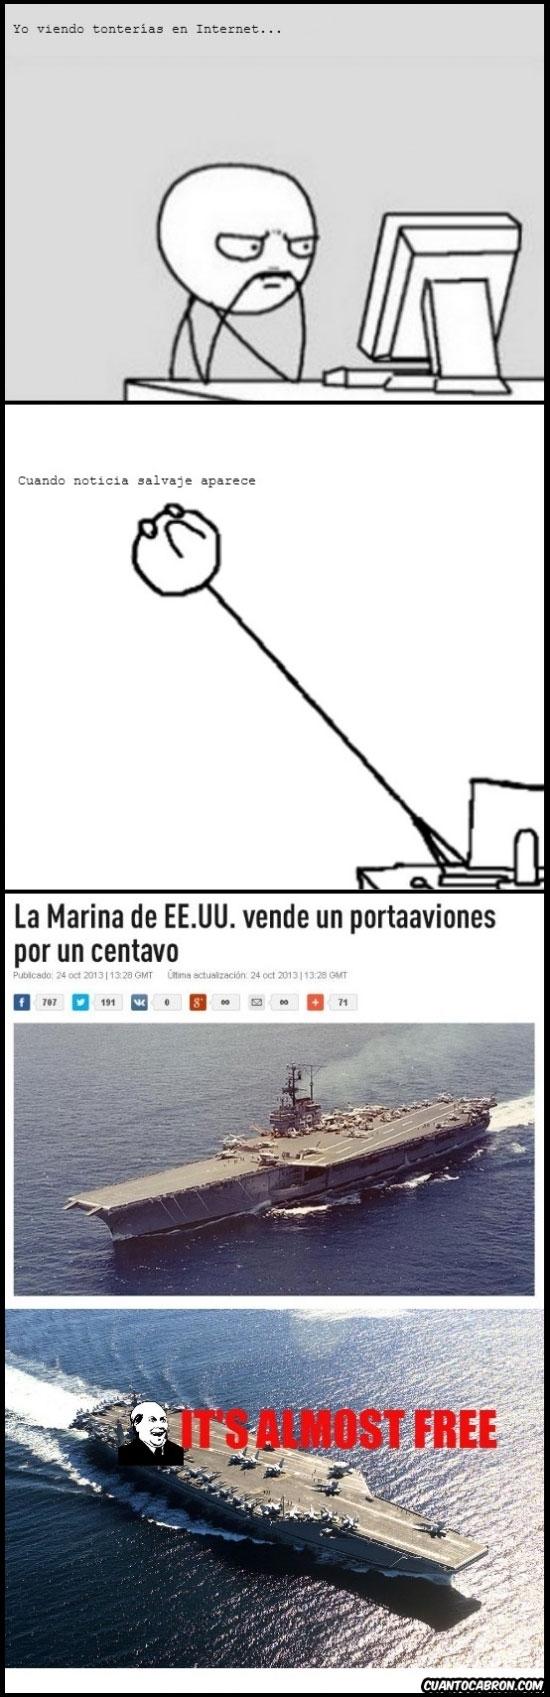 Its_free - Jo, yo que siempre he querido tener un portaaviones...